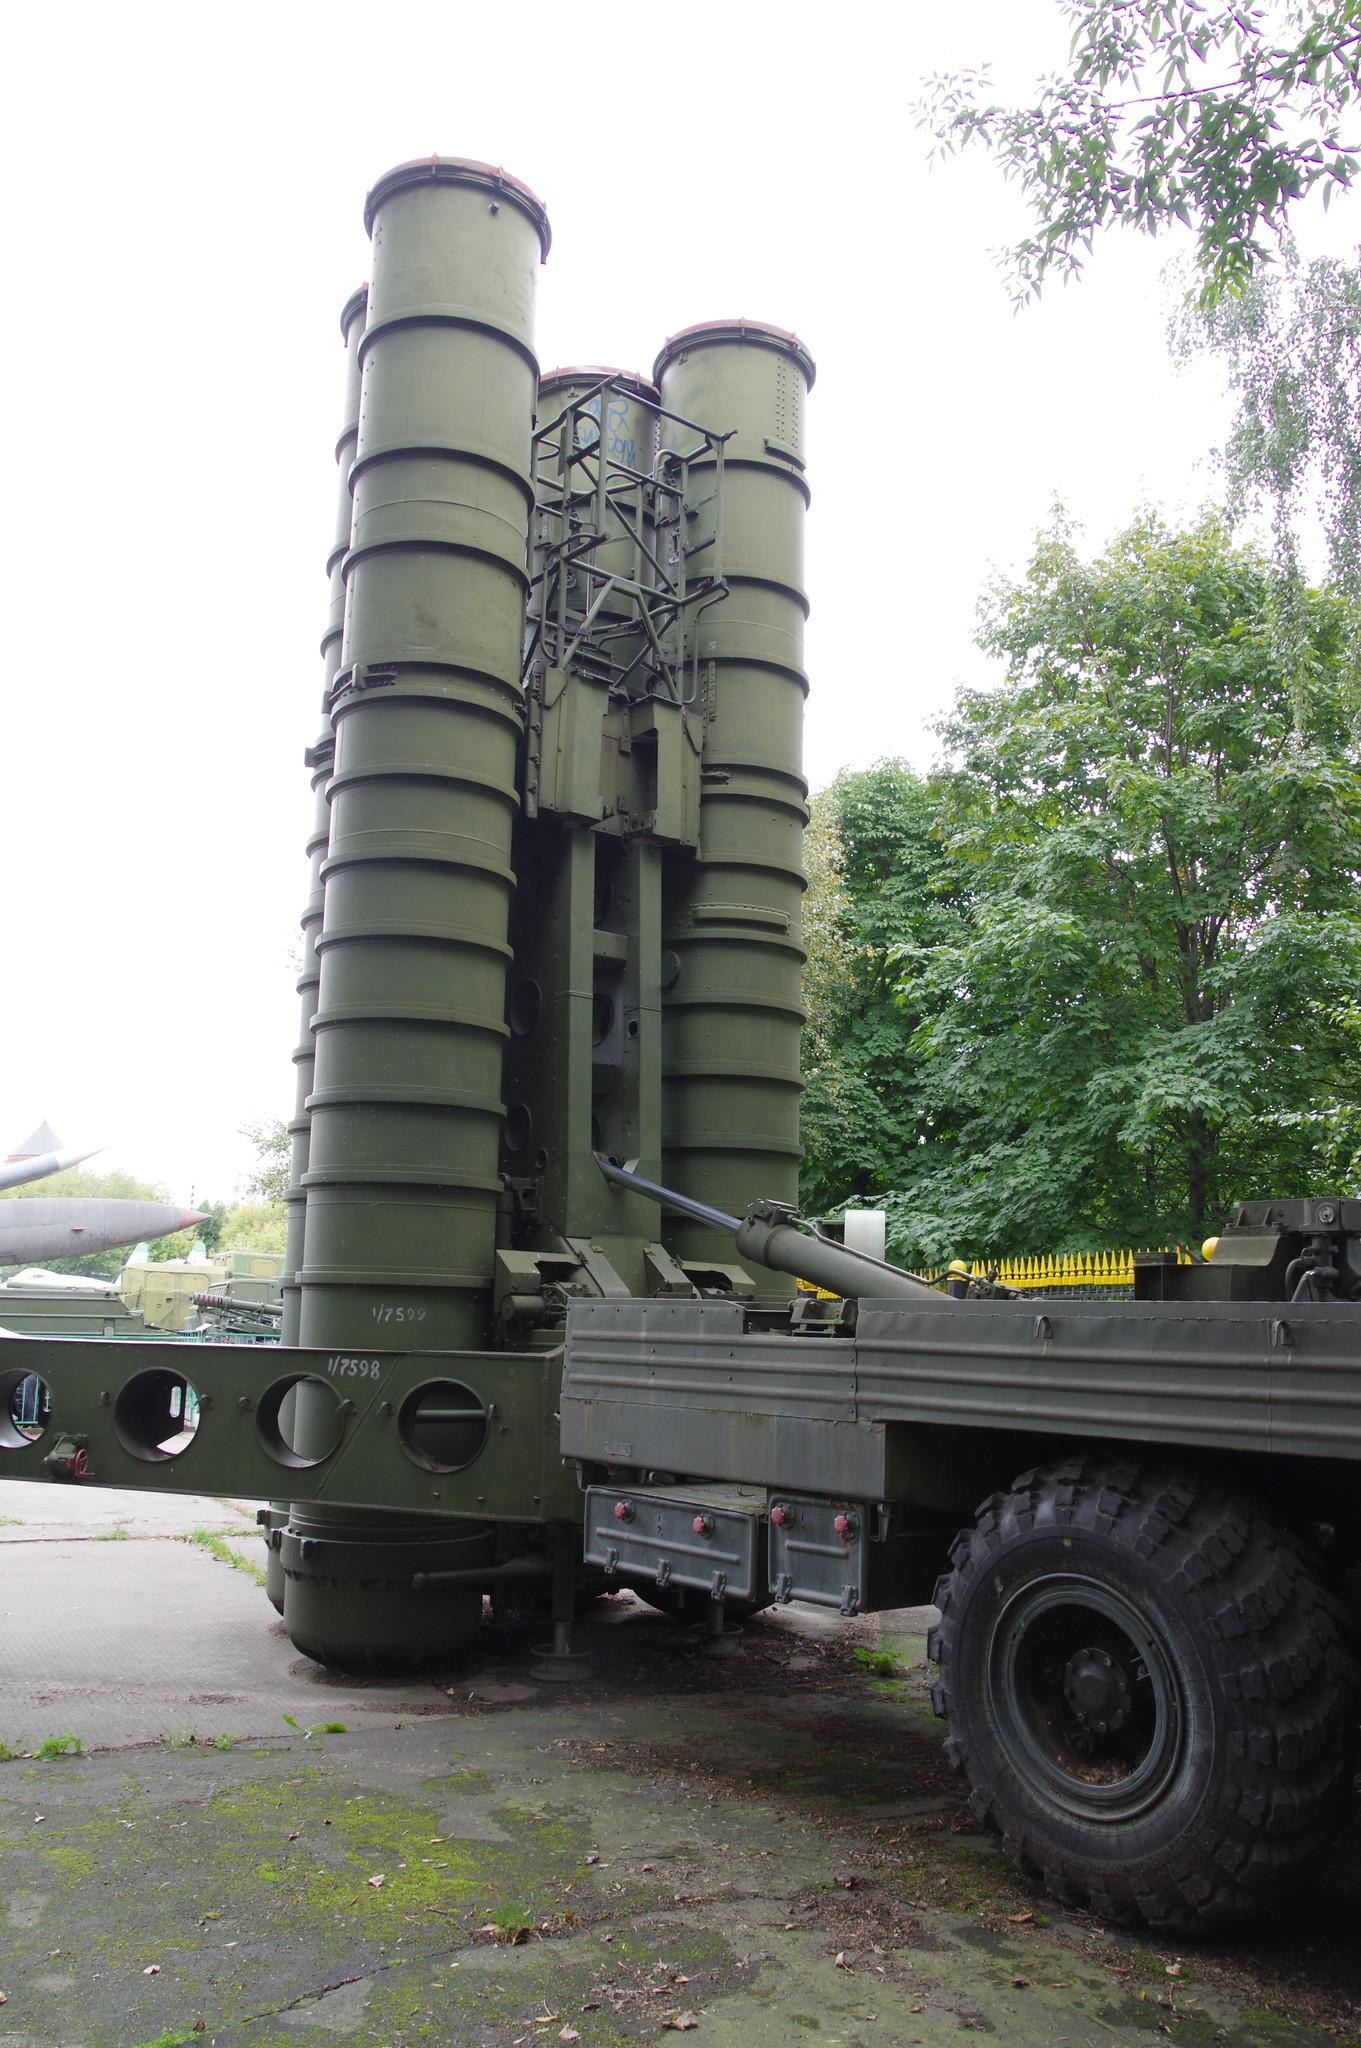 Пусковая установка зенитных ракет комплекса С-300ПТ (1978 г.) в экспозиции Центрального музея Вооружённых сил Российской Федерации